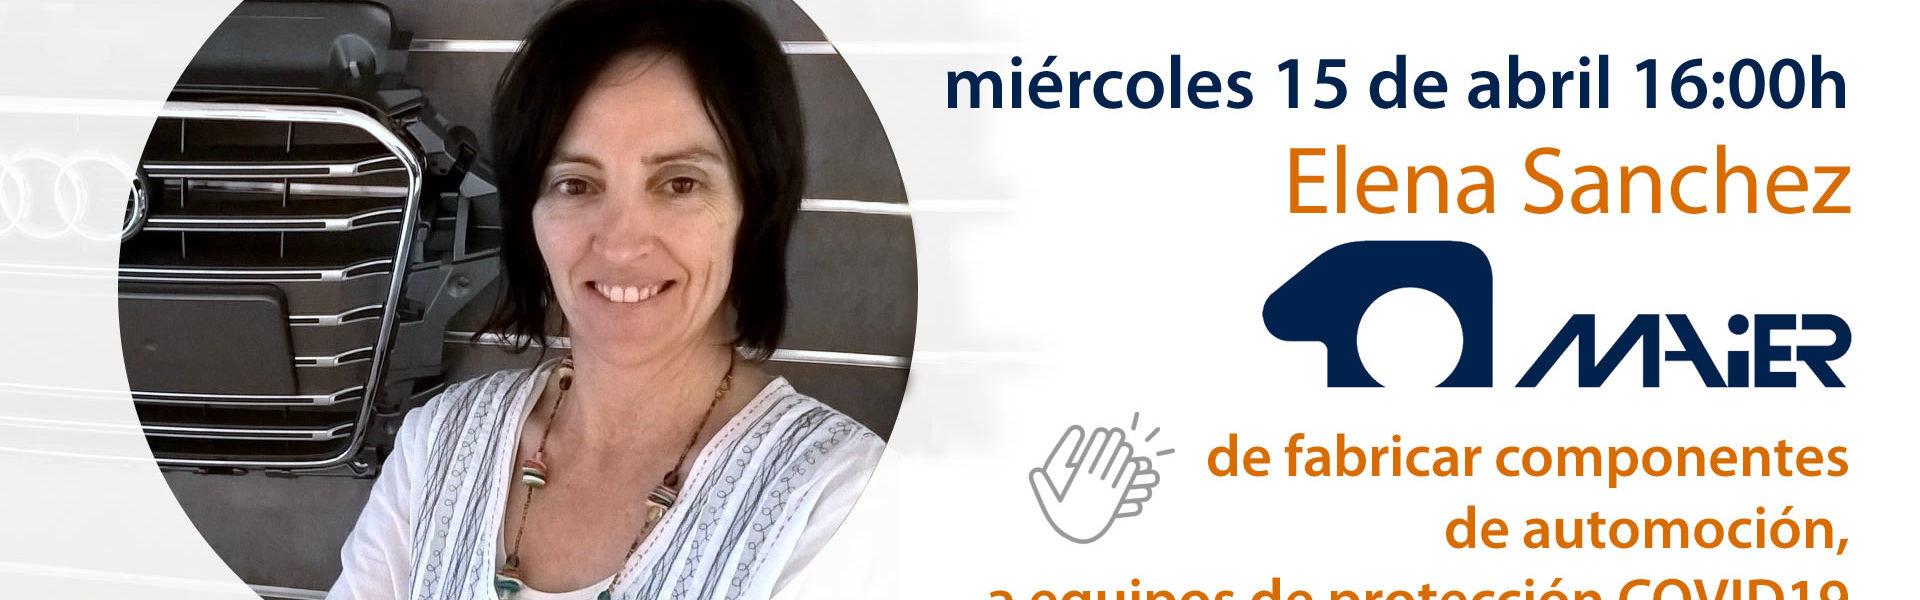 ¡Conectamos! con Elena Sánchez de Maier. Miércoles 15 abril a las 16:00h.